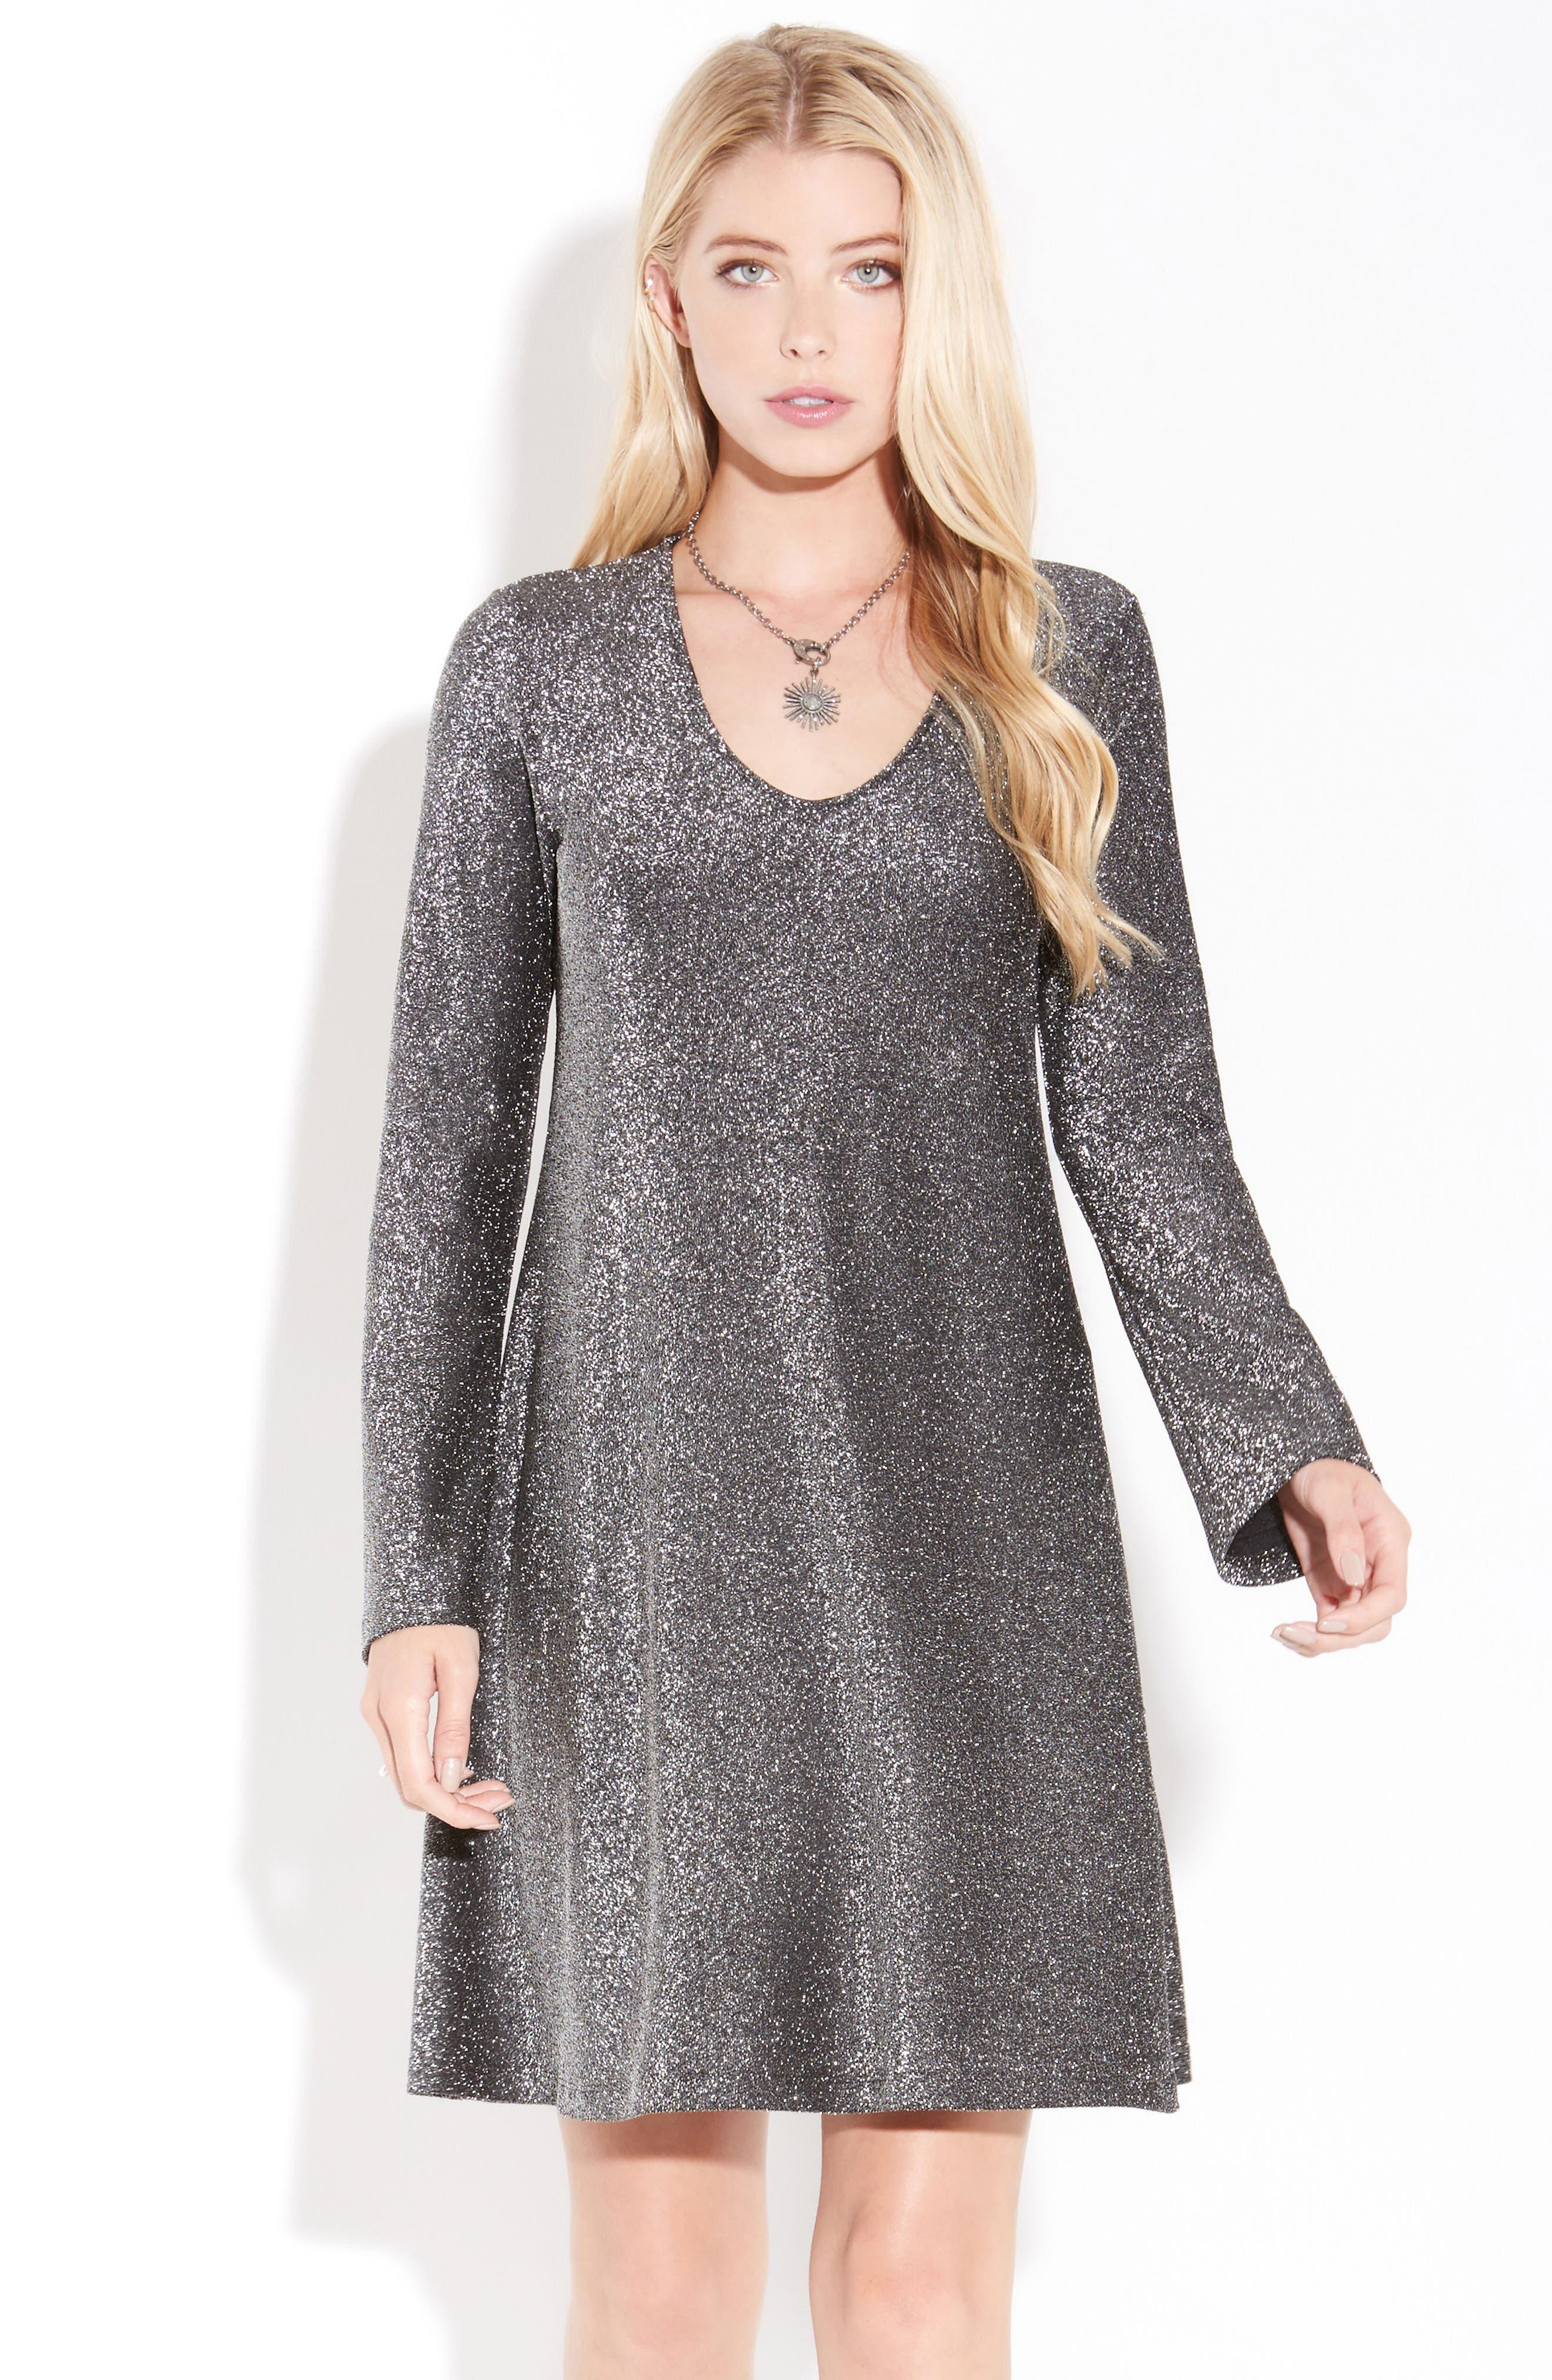 Taylor Sparkle A-Line Dress,                             Alternate thumbnail 2, color,                             Black W/ Silver